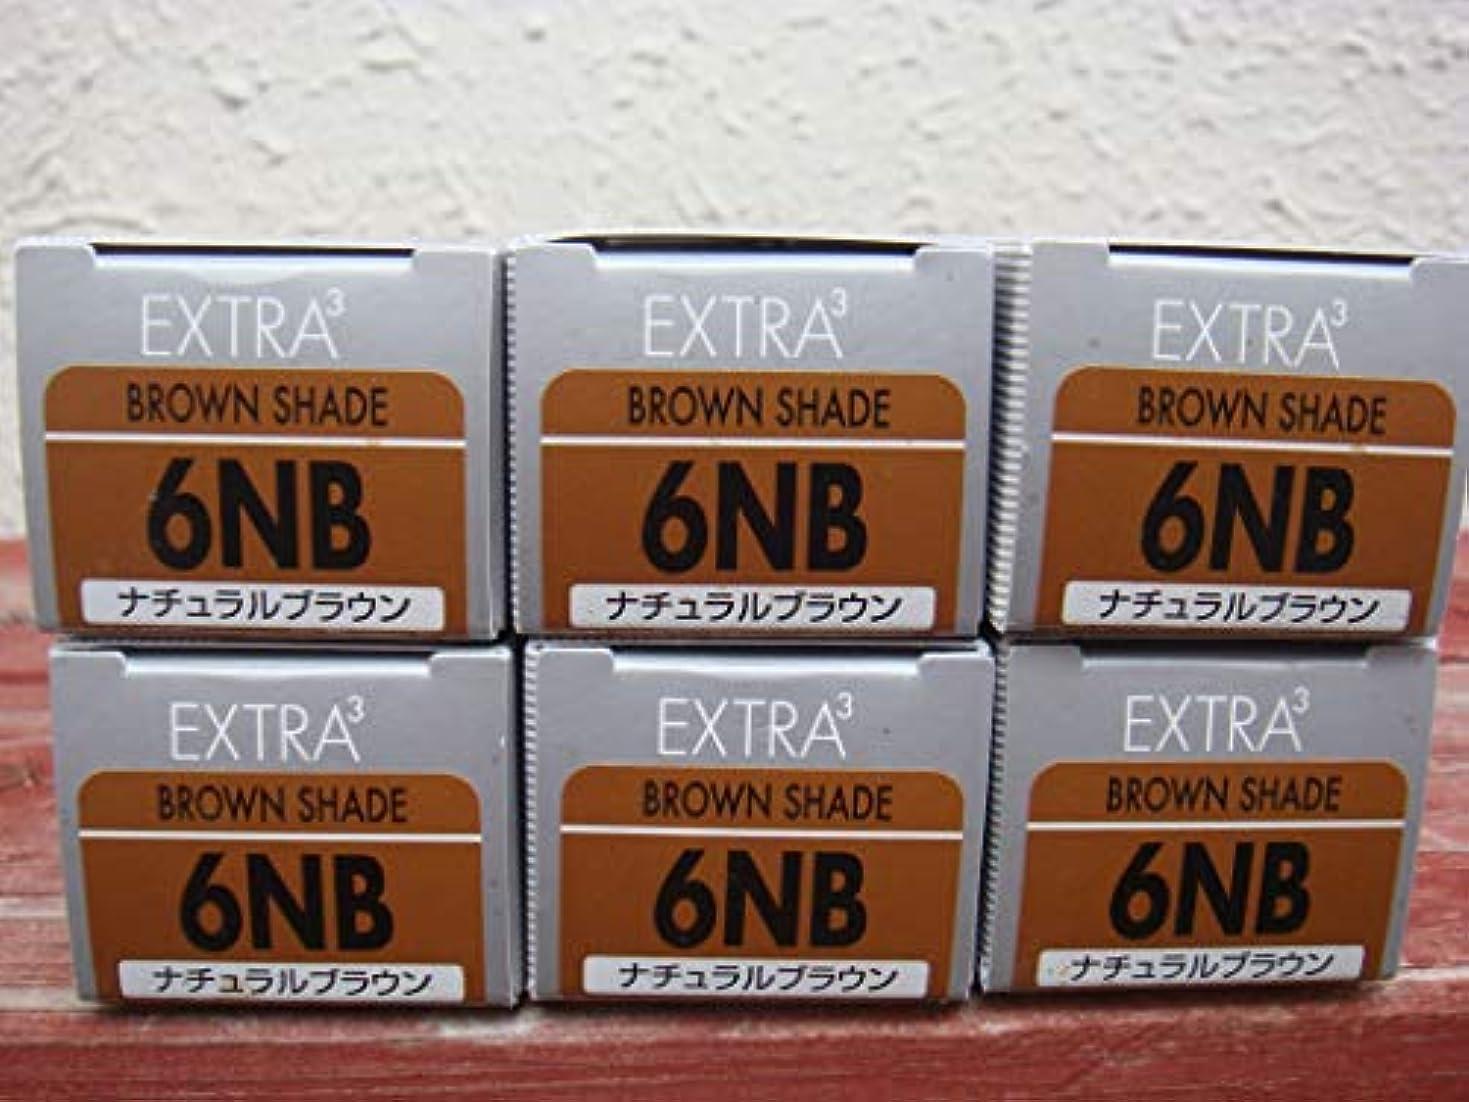 匹敵します豆契約したカラーアクシス エクストラキュービック 6NB